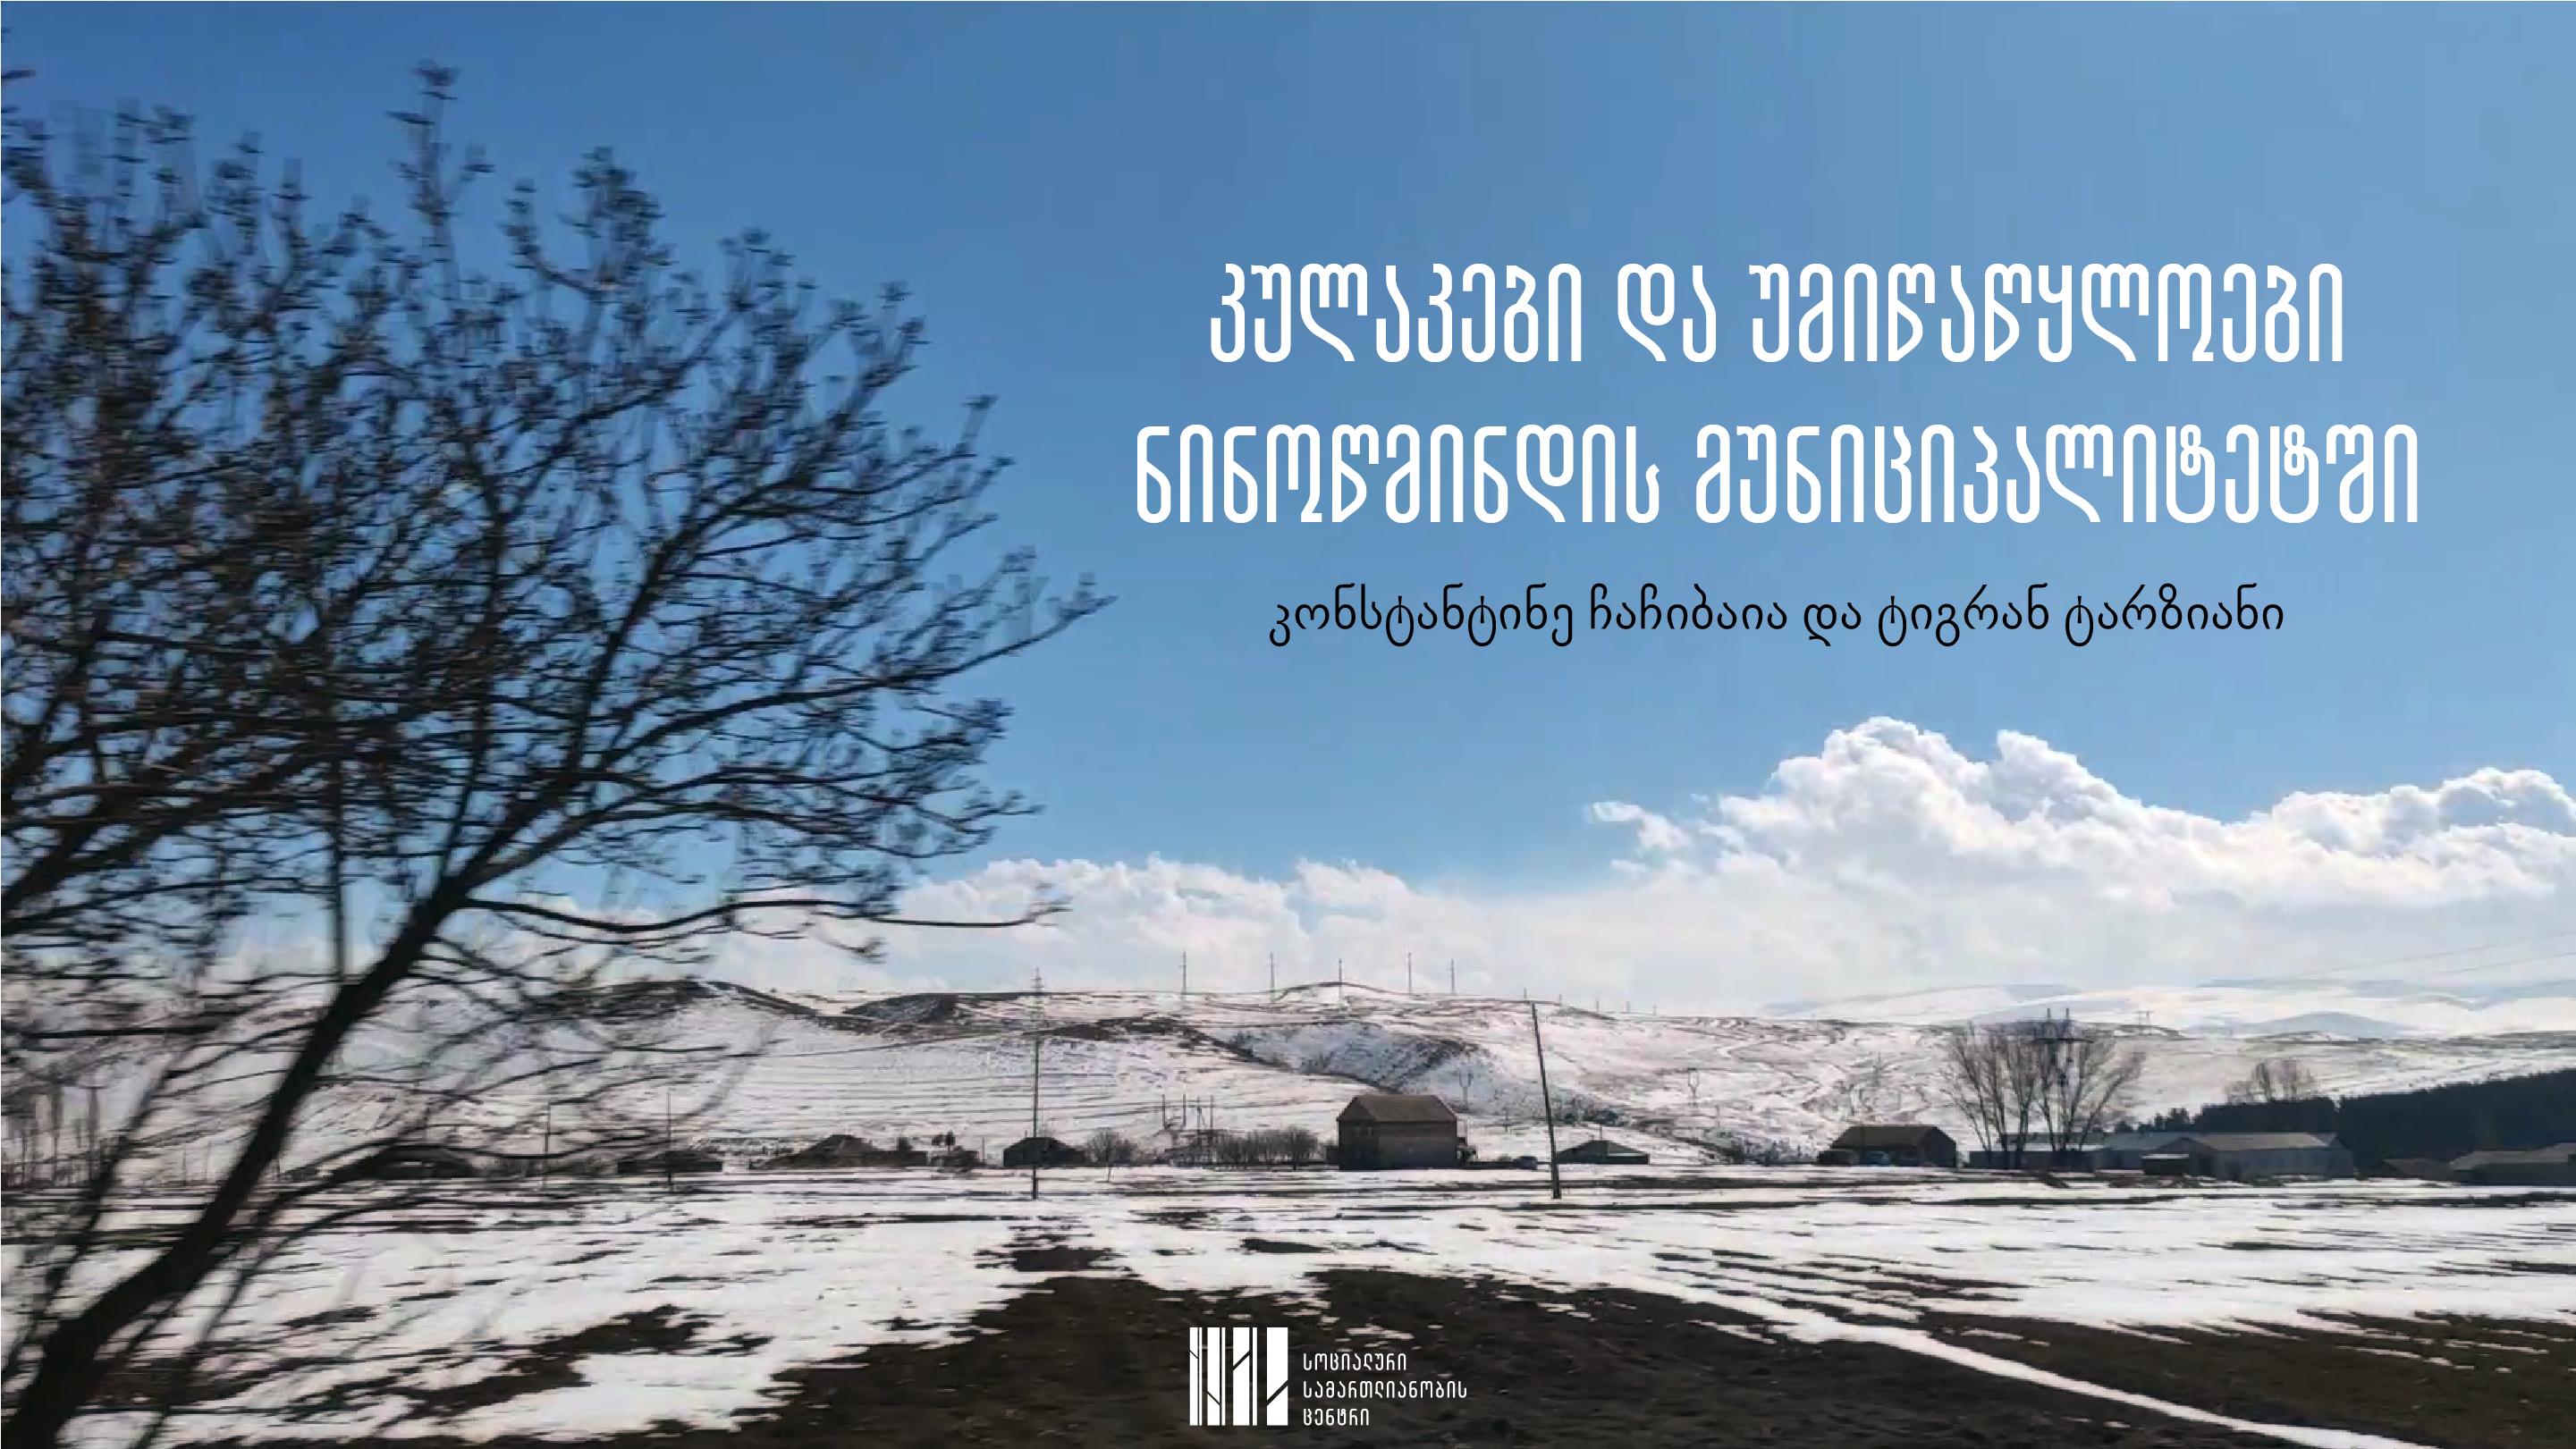 კულაკები და უმიწაწყლოები ნინოწმინდის მუნიციპალიტეტში